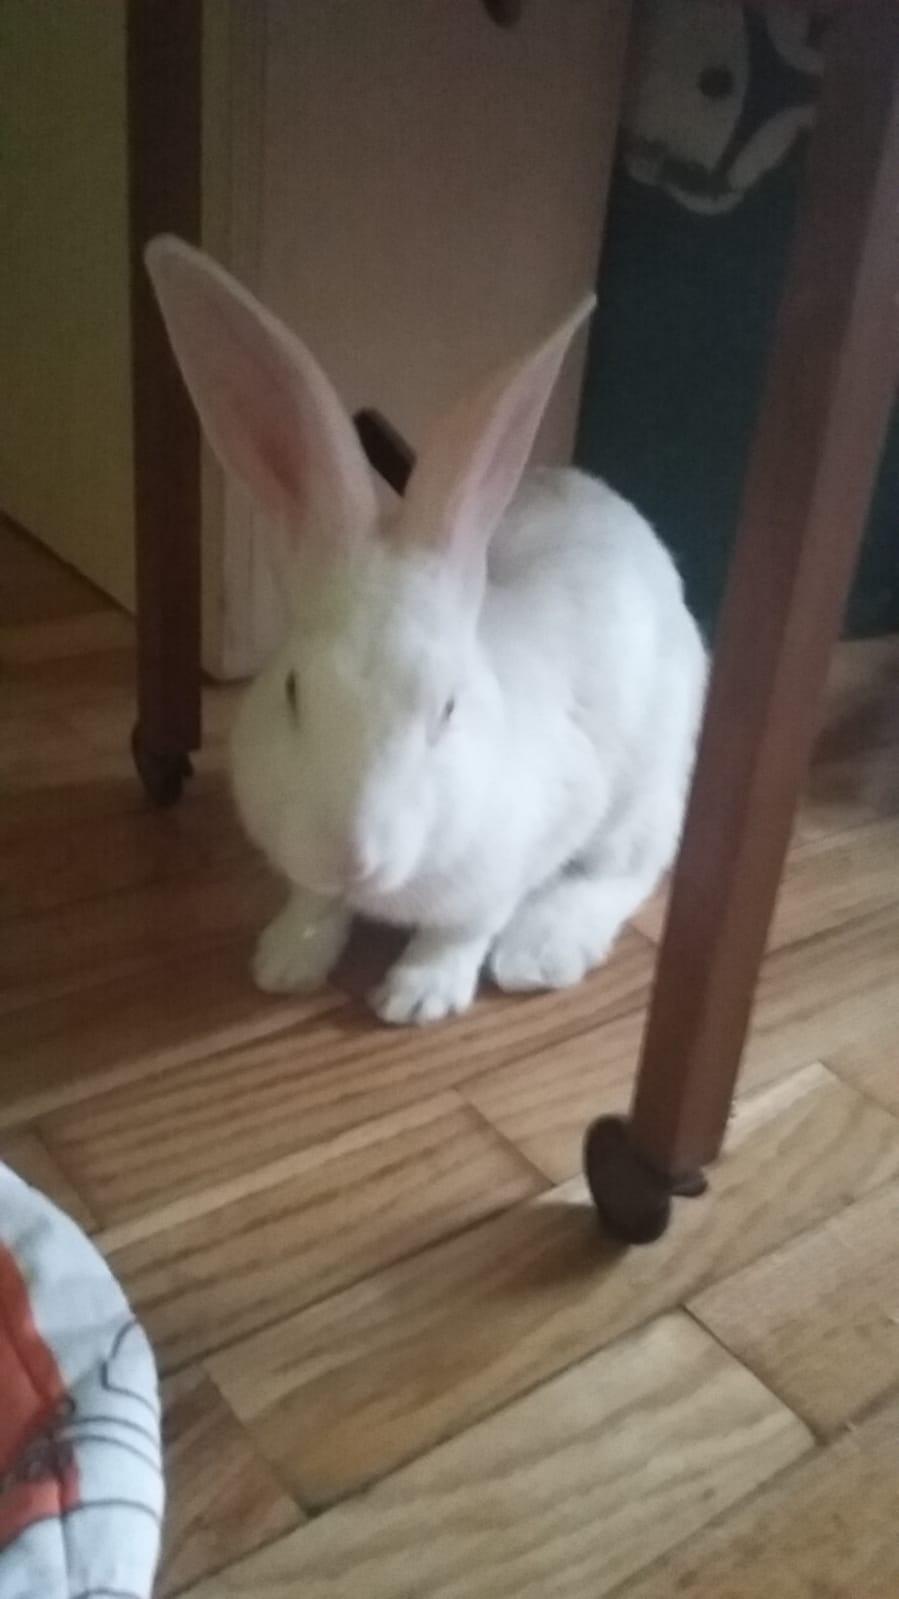 [White Rabbit]Lapins réhabilités de laboratoire à parrainer  - Page 2 E4de4c10